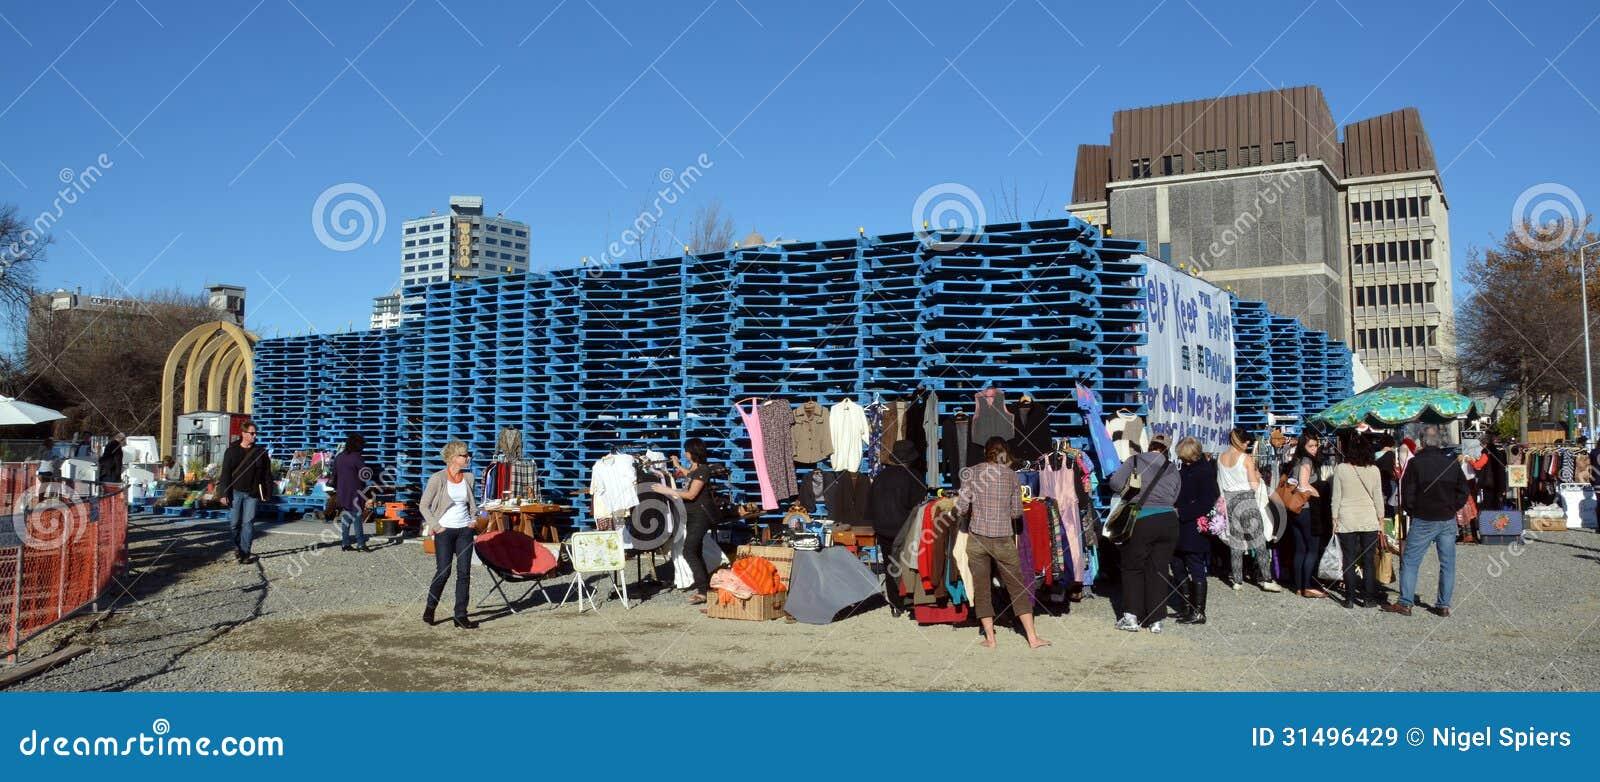 Reconstrucción del terremoto de Christchurch - pabellón de la plataforma del reemisor de isofrecuencia.